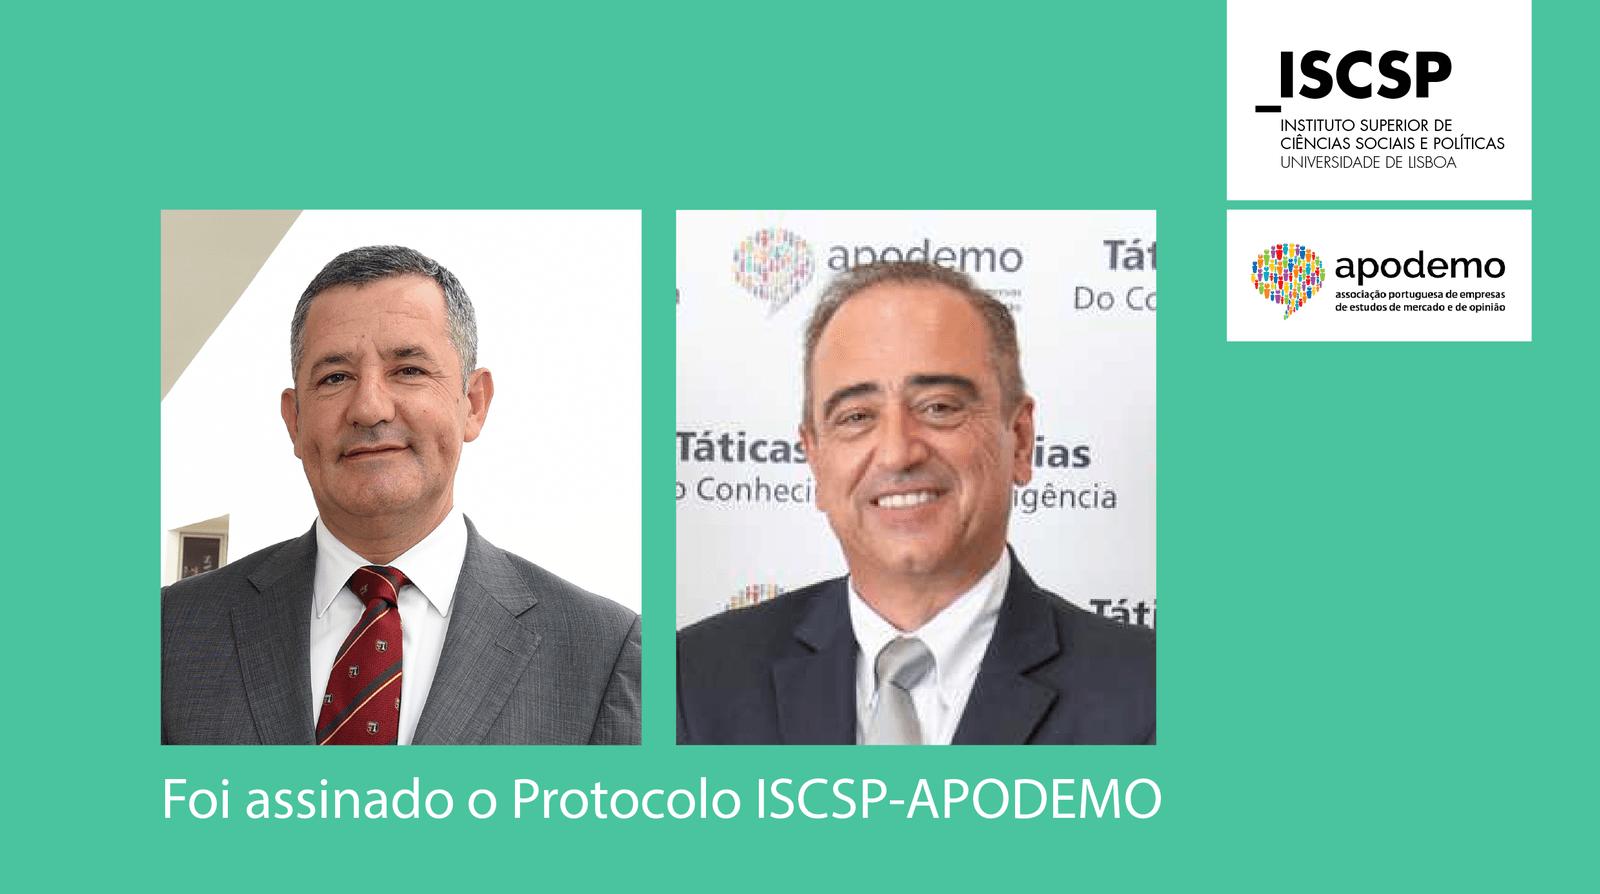 ISCSP e APODEMO assinam protocolo de cooperação